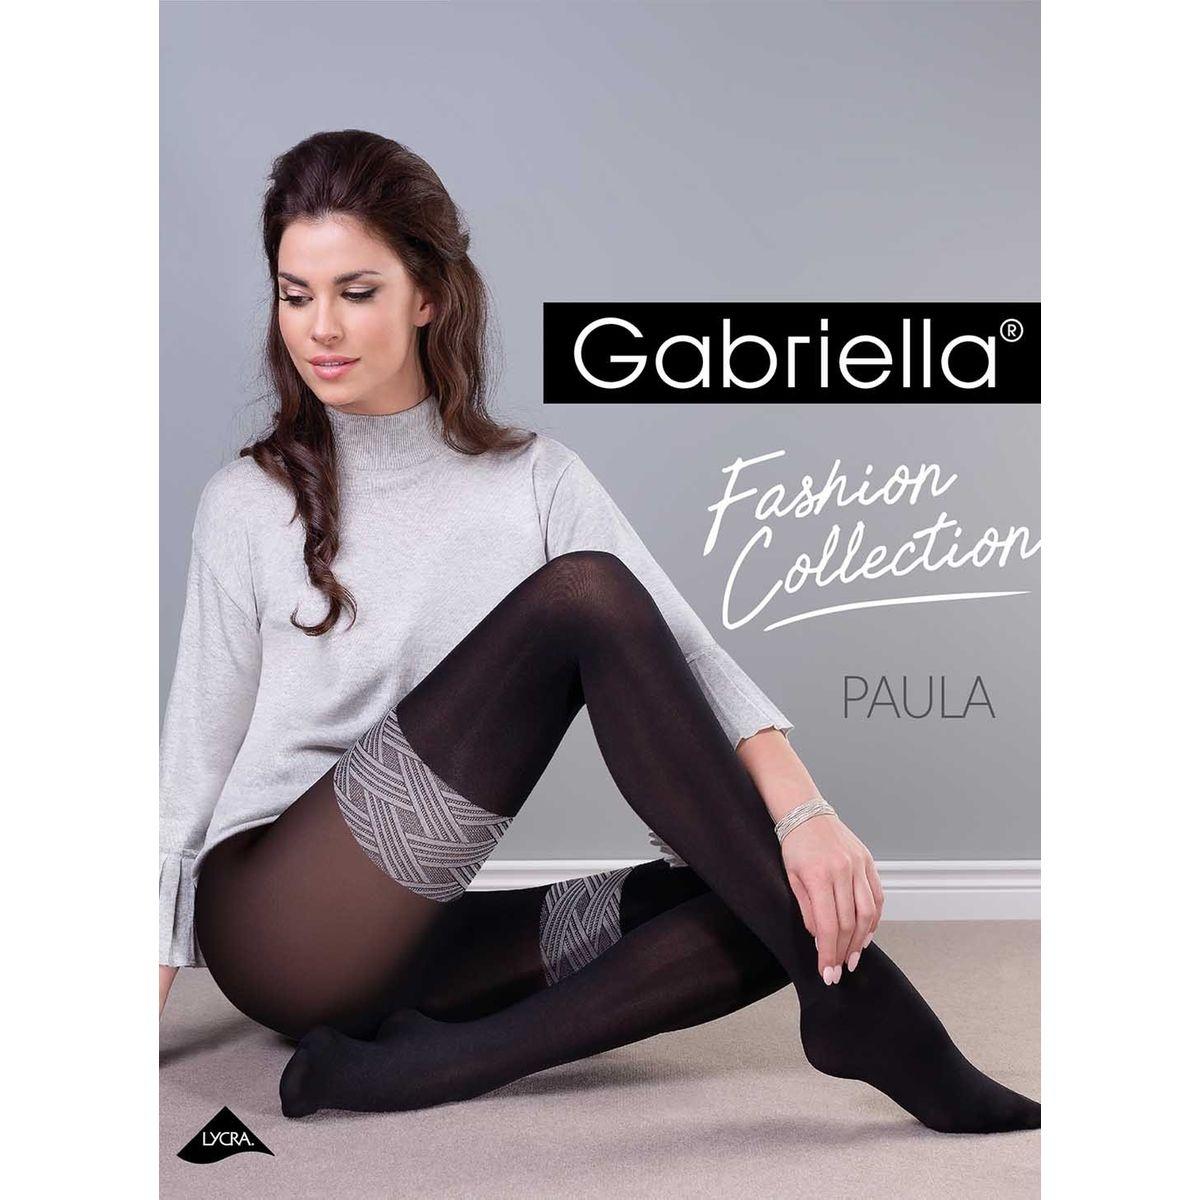 Collant Gabriella Paula